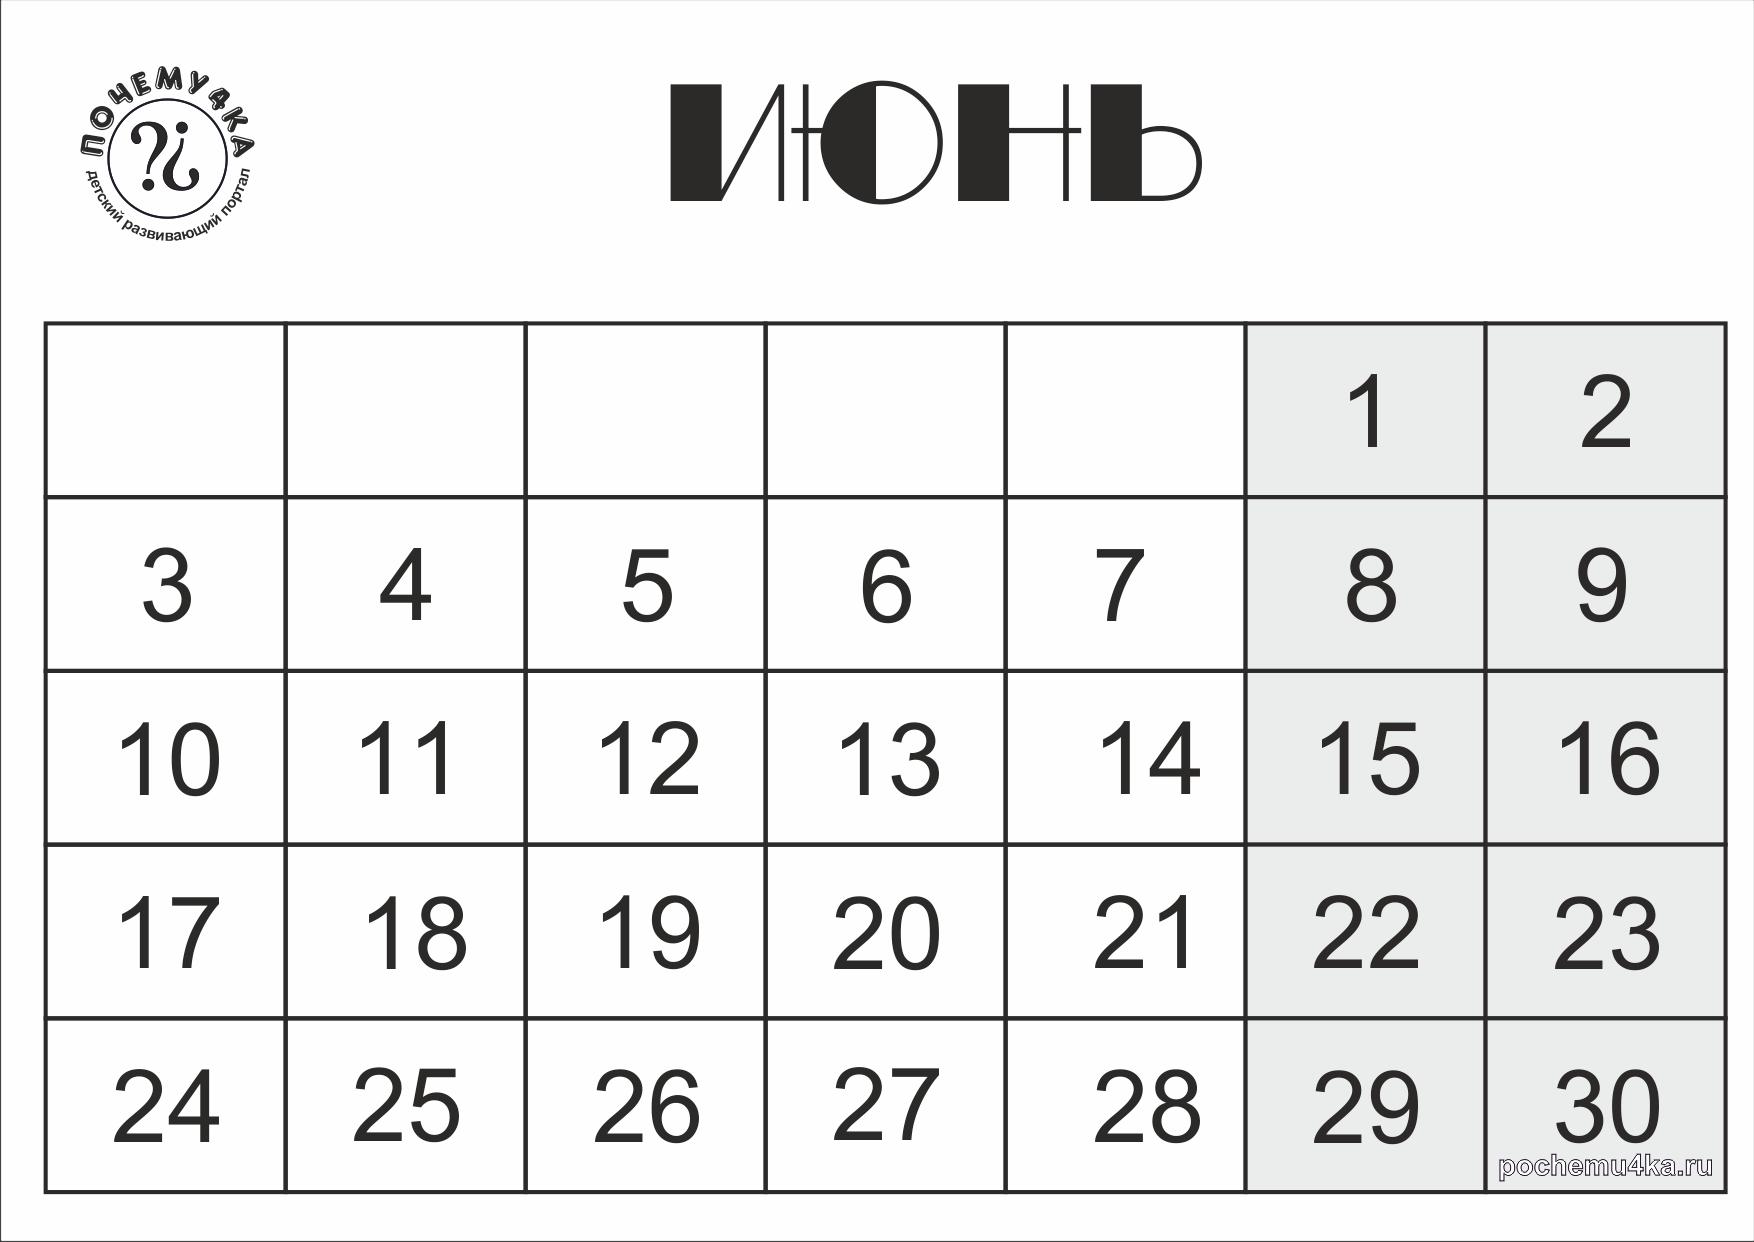 Церковный календарь имен на октябрь для девочек